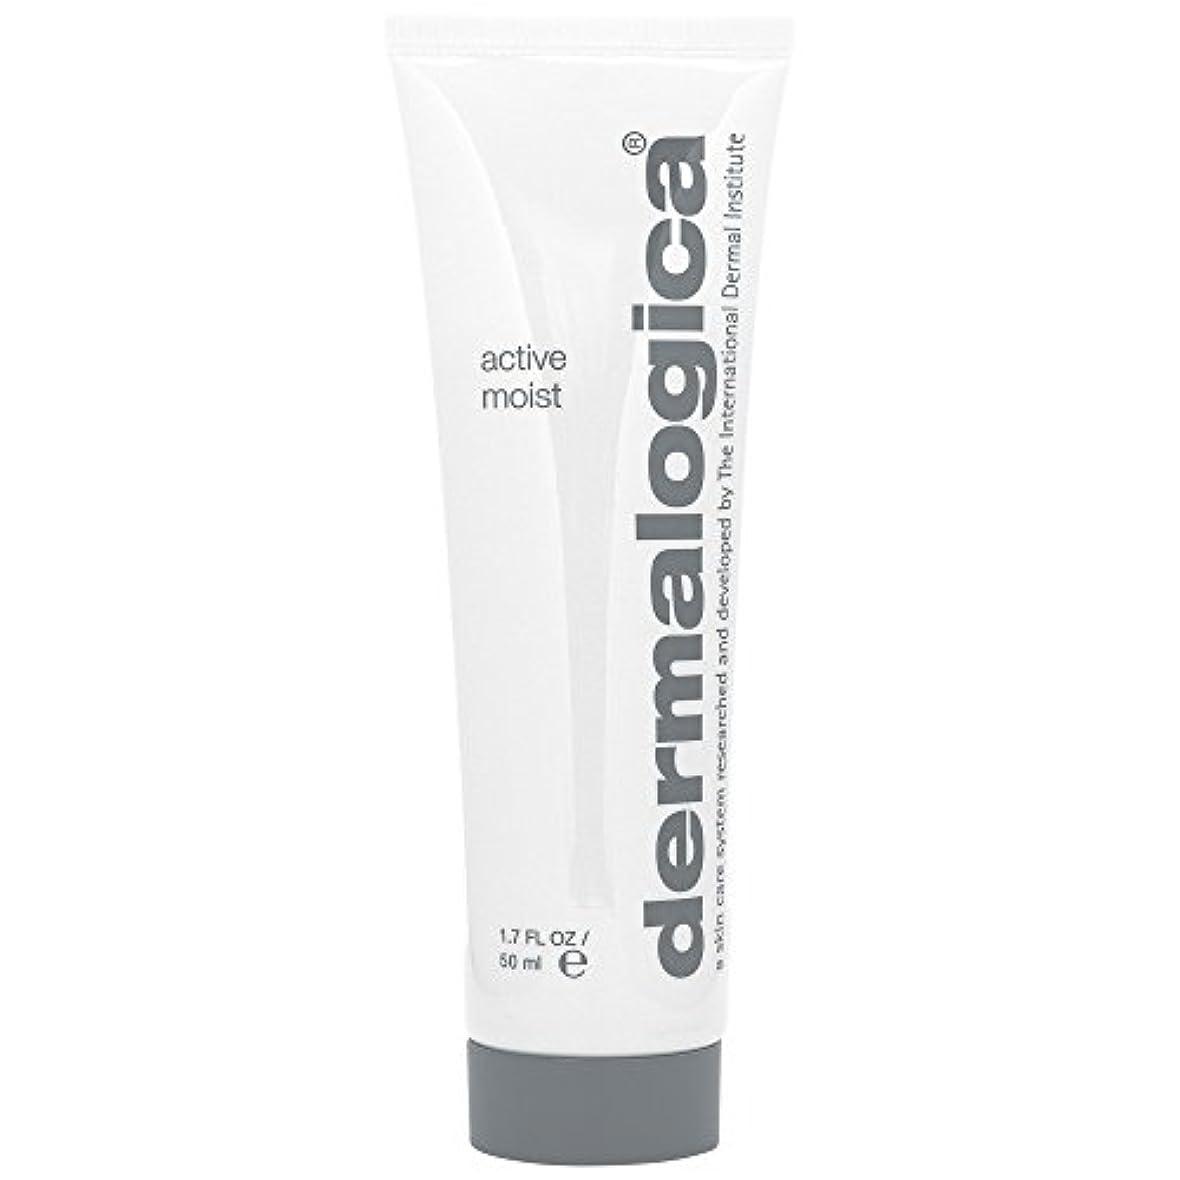 添付未来ブルジョンダーマロジカアクティブ湿った顔の保湿剤の50ミリリットル (Dermalogica) (x2) - Dermalogica Active Moist Facial Moisturiser 50ml (Pack of 2)...